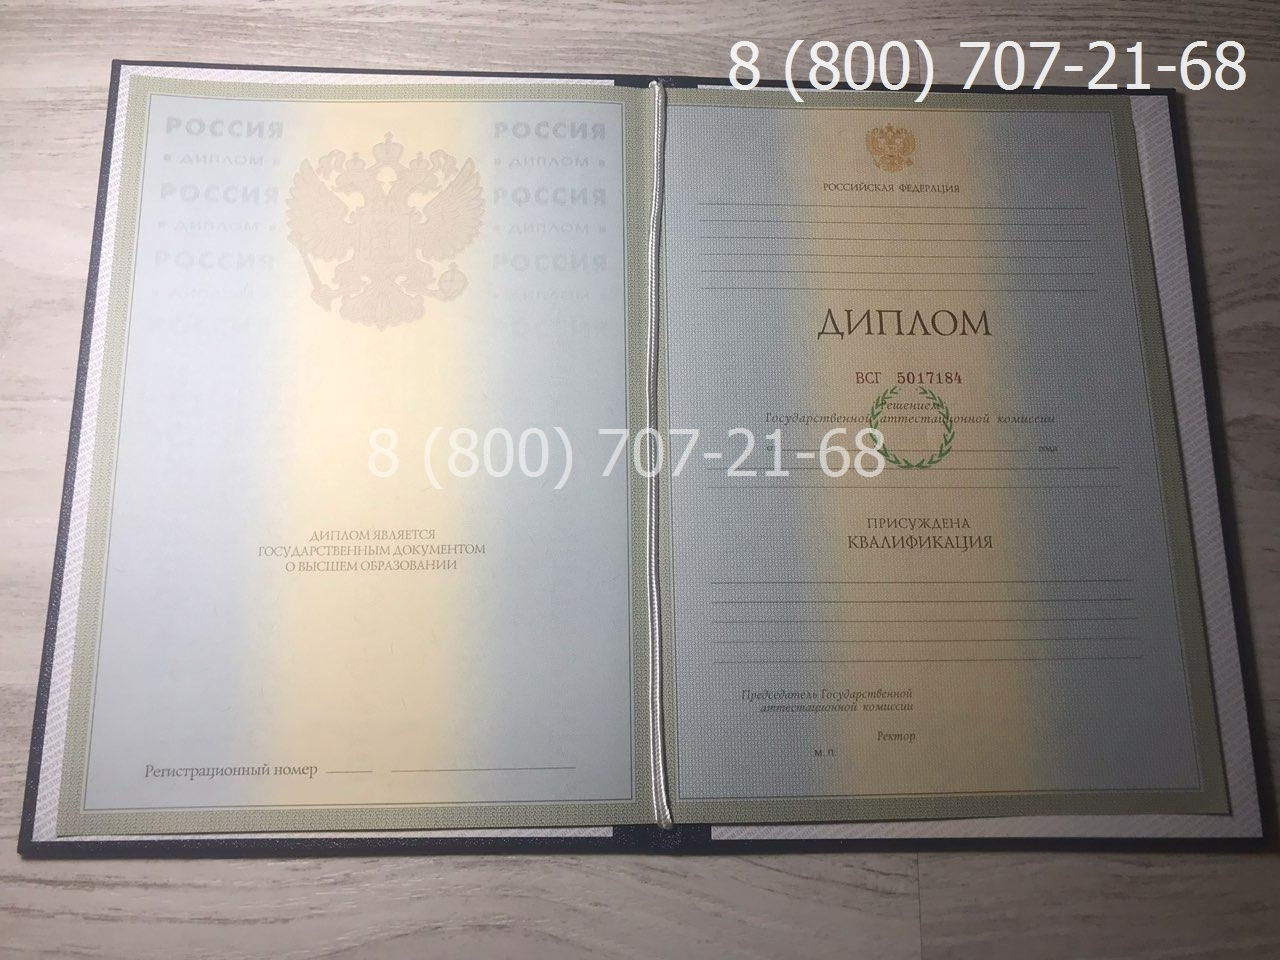 Диплом специалиста 2002-2008 года 1